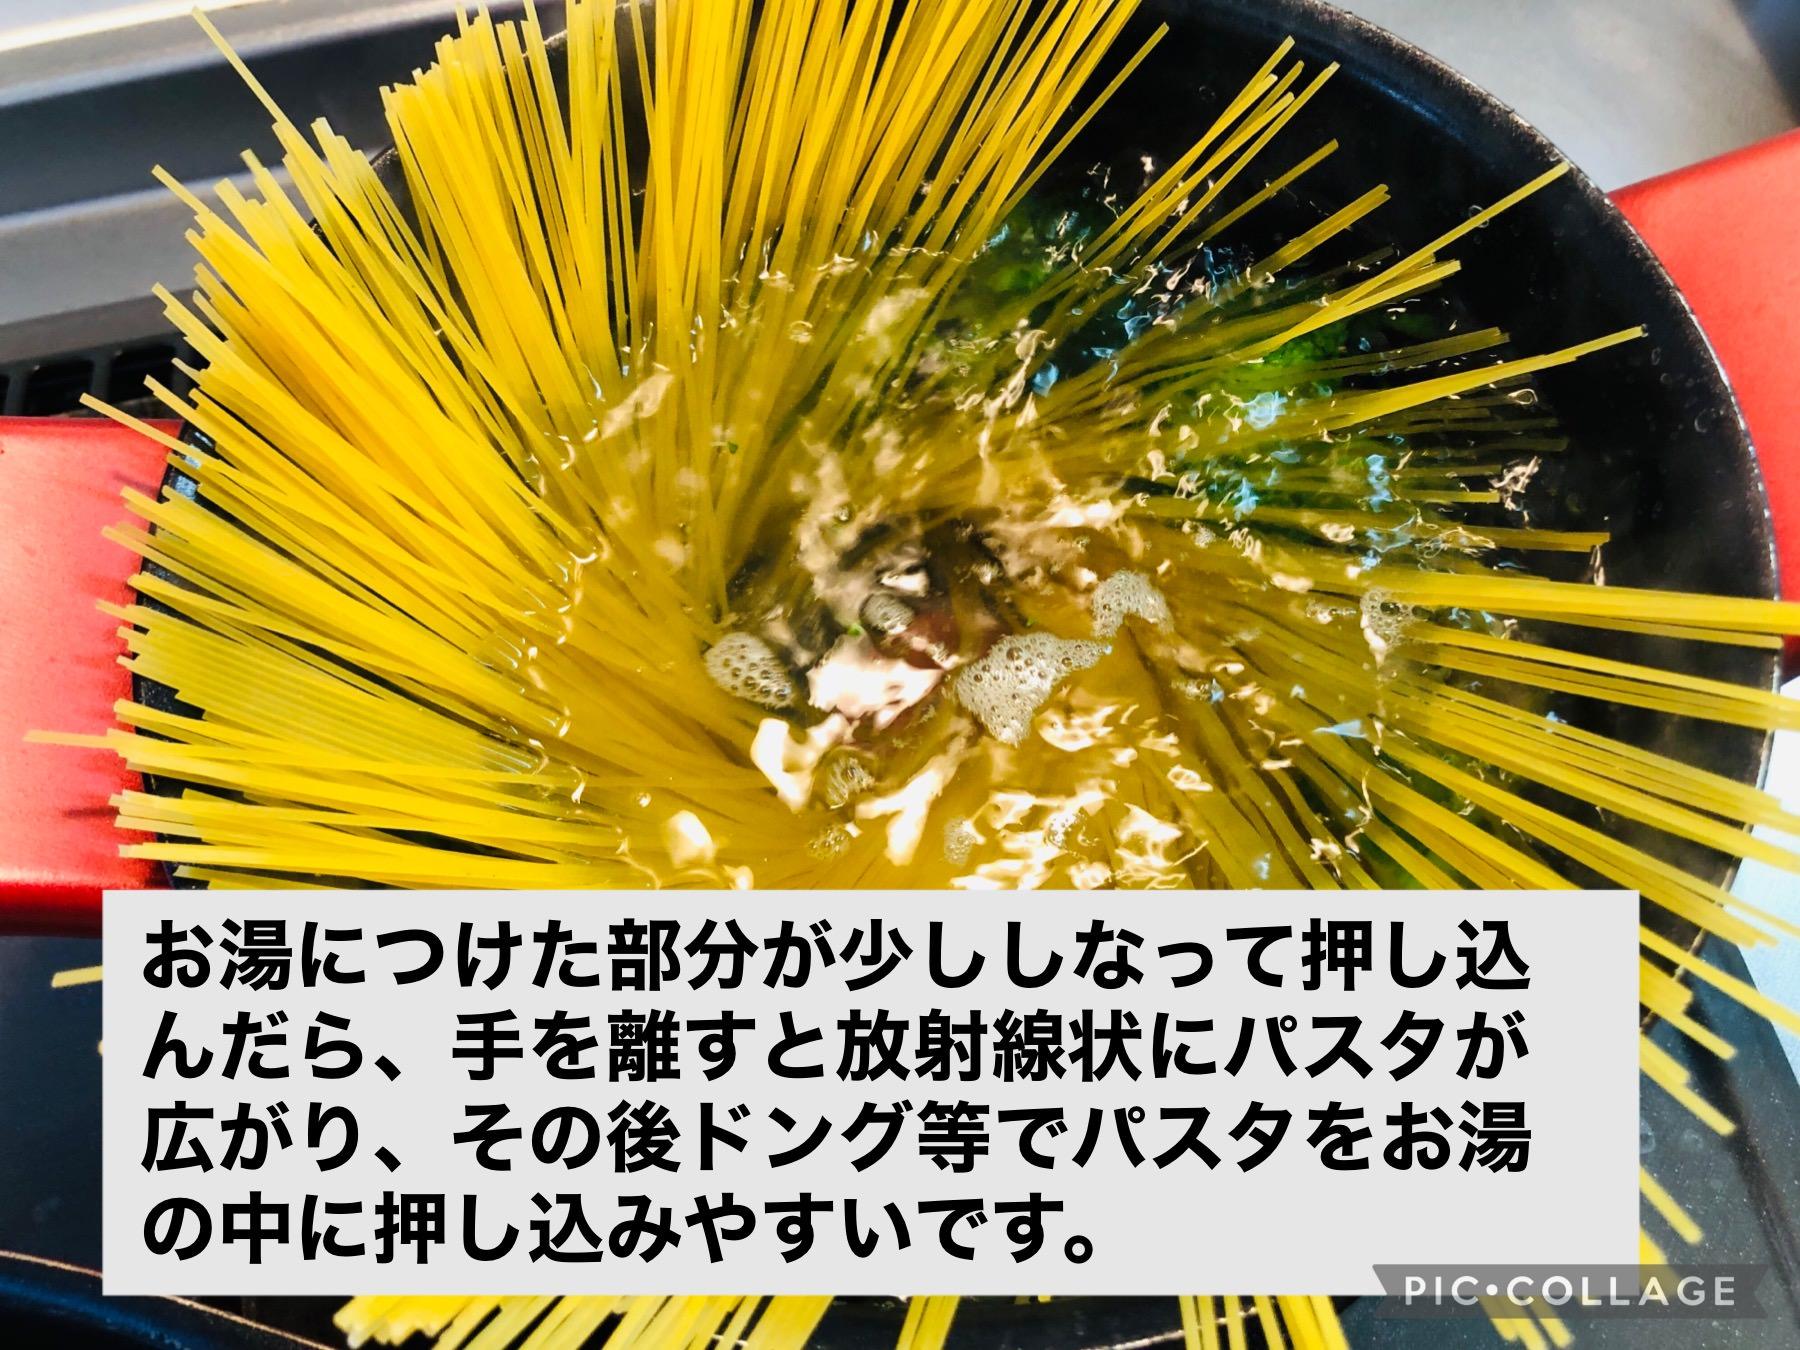 パスタの麺を詰りながら入れ、手を離し麺が放射線状に広がっている様子の画像です